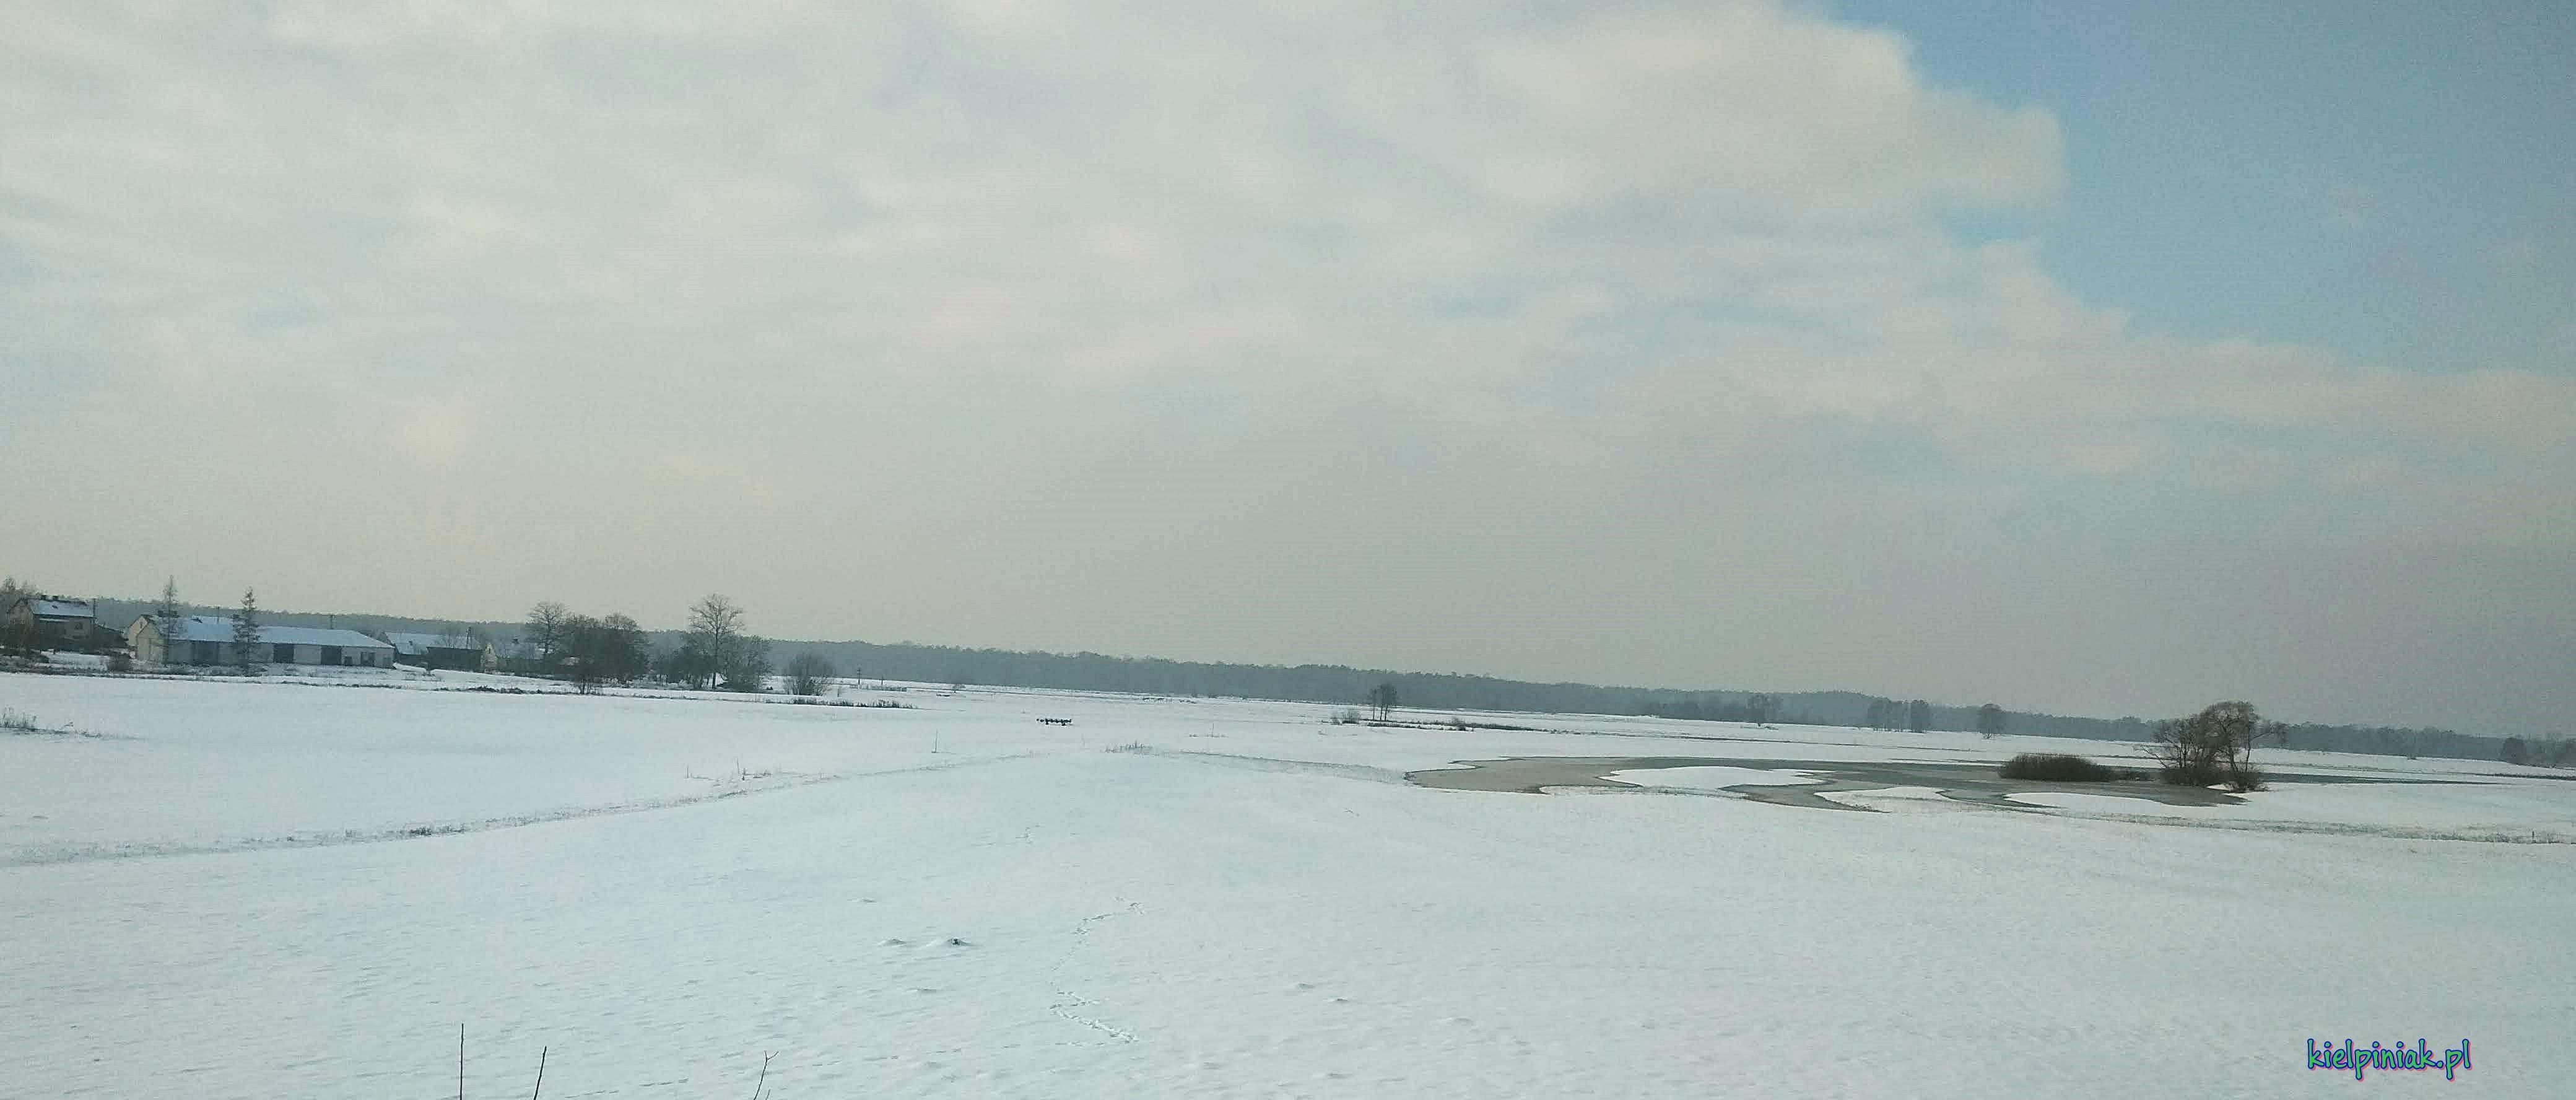 zdjęcie z wału w okolicy kiełpińca, widok na olszynę/ ulaski